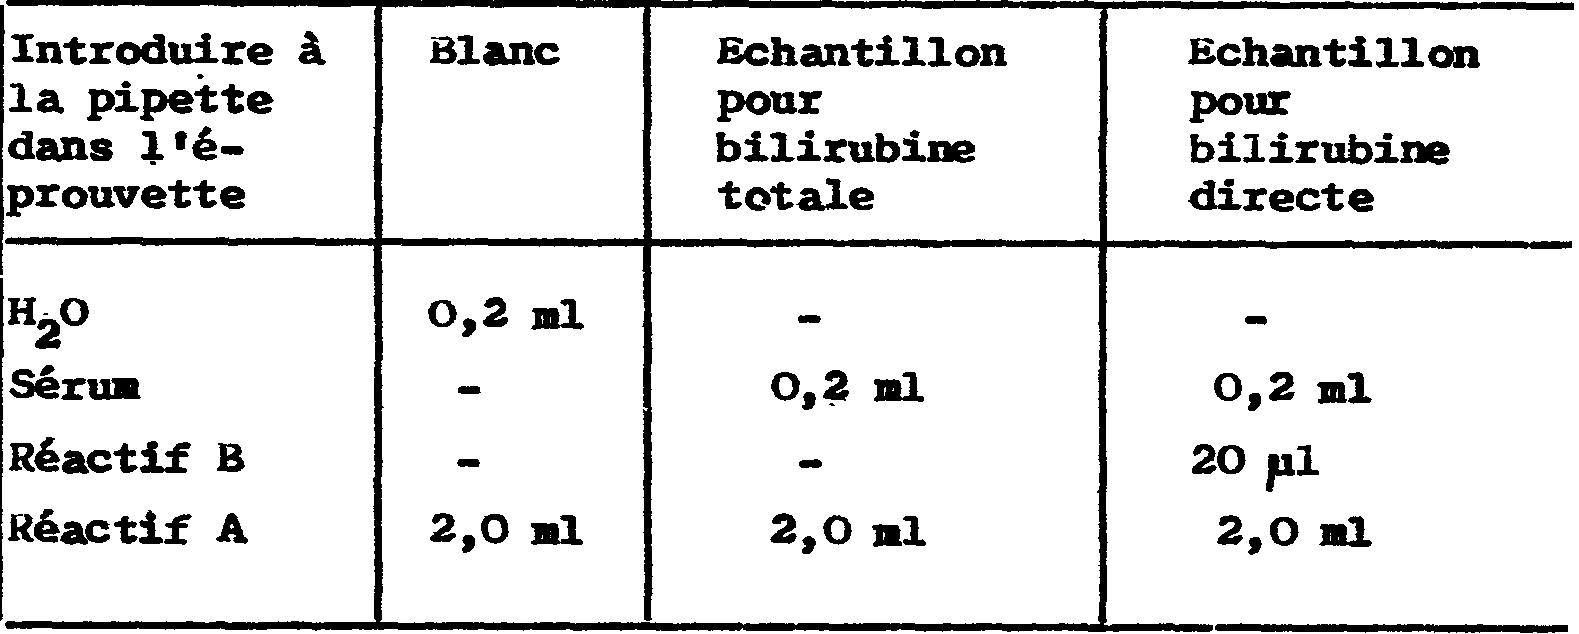 Fr2505048a1 Methode Pour La Determination Rapide De La Bilirubine Totale Et Directe Dans Les Liquides Biologiques Avec Reactif Unique Google Patents